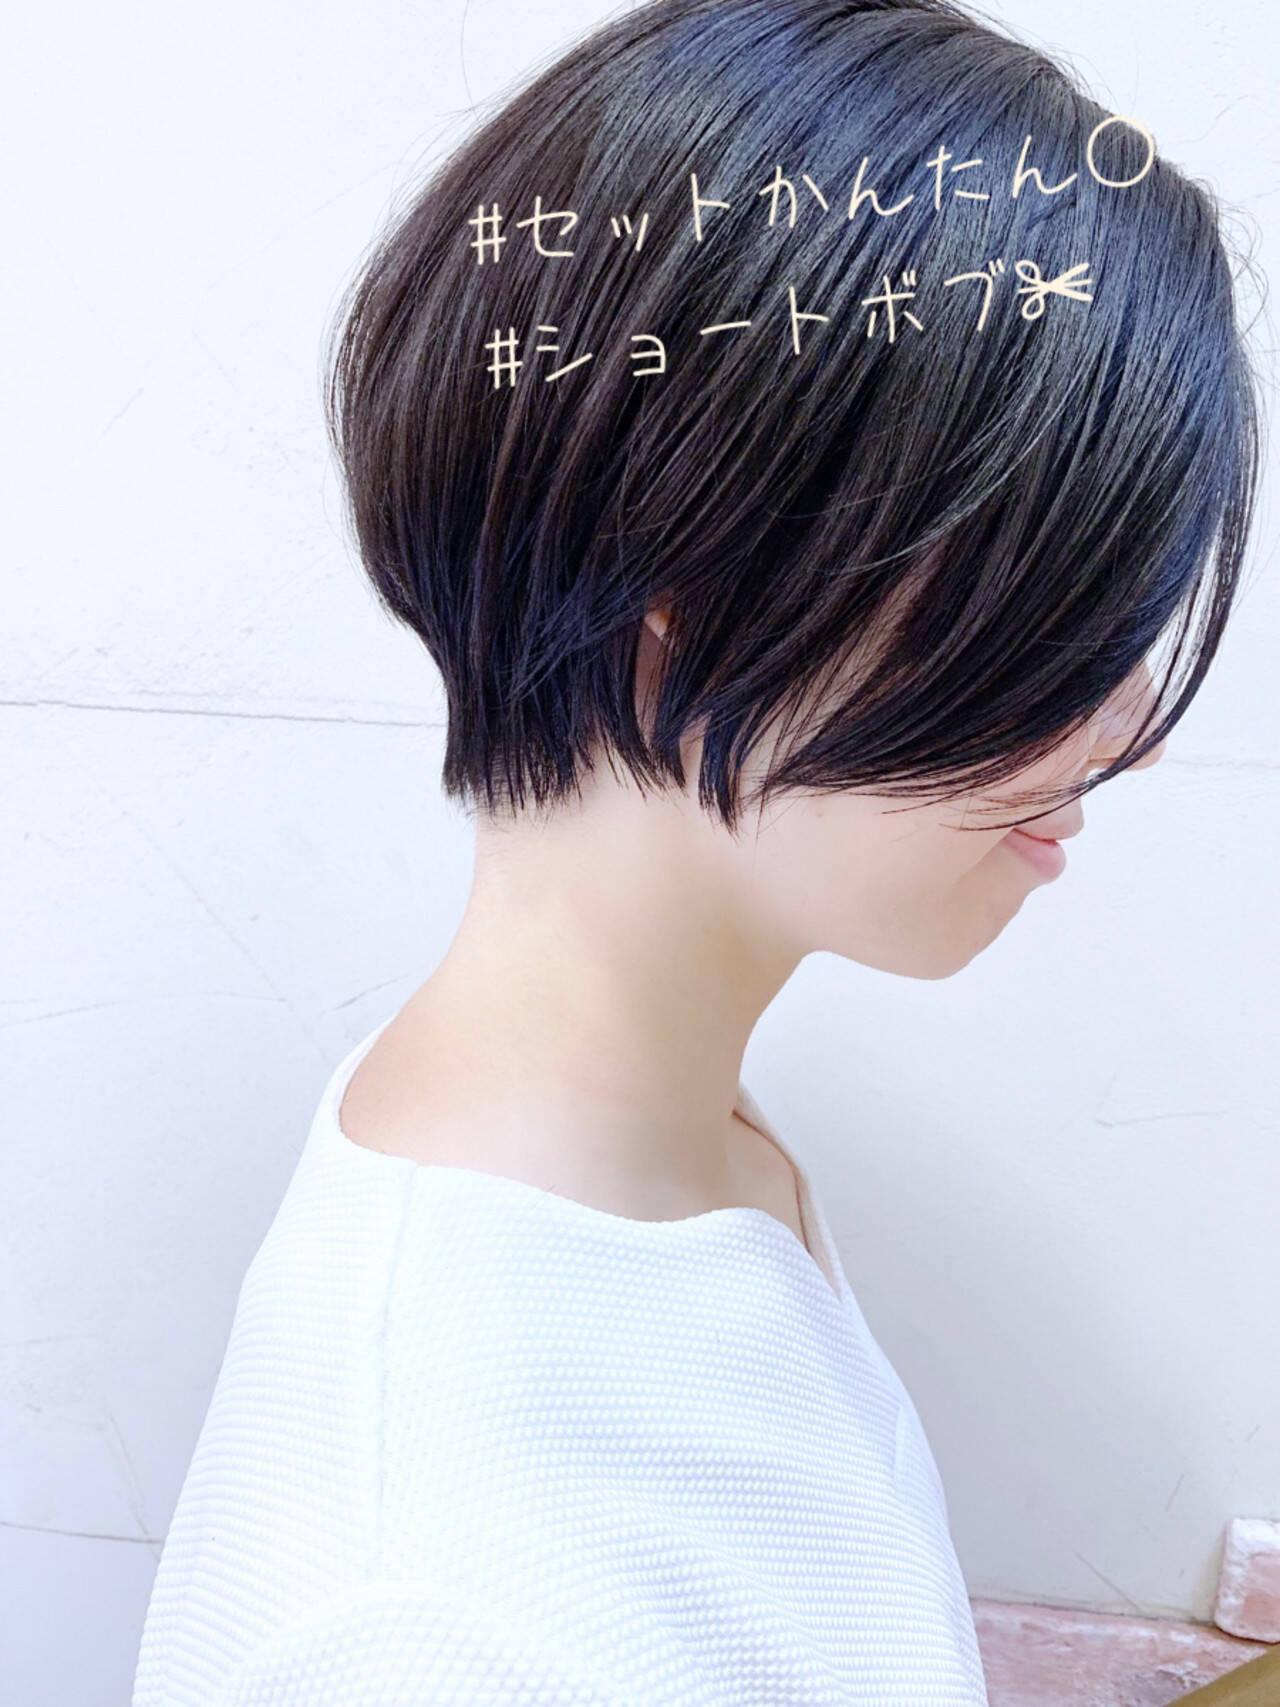 ナチュラル 簡単スタイリング 黒髪 大人かわいいヘアスタイルや髪型の写真・画像